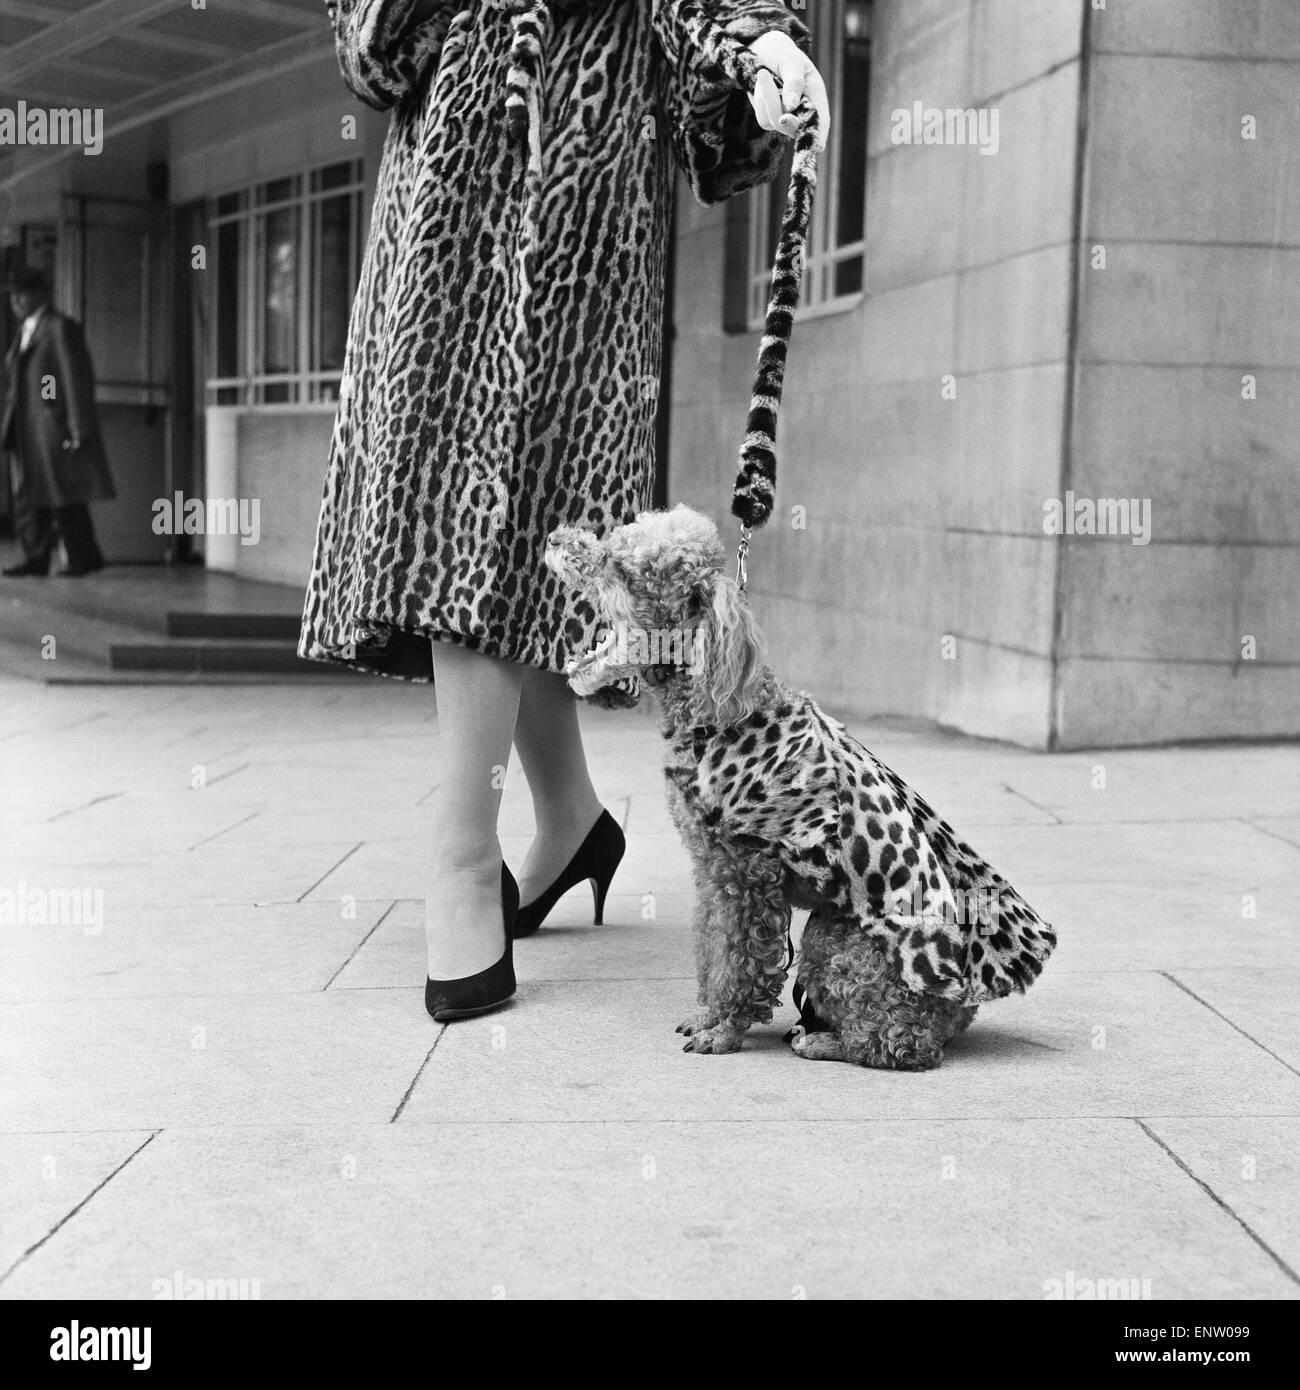 Cappotti di pelliccia per cani. Uno scarabocchio che indossa un leopard print pelliccia Settembre 1957. Immagini Stock